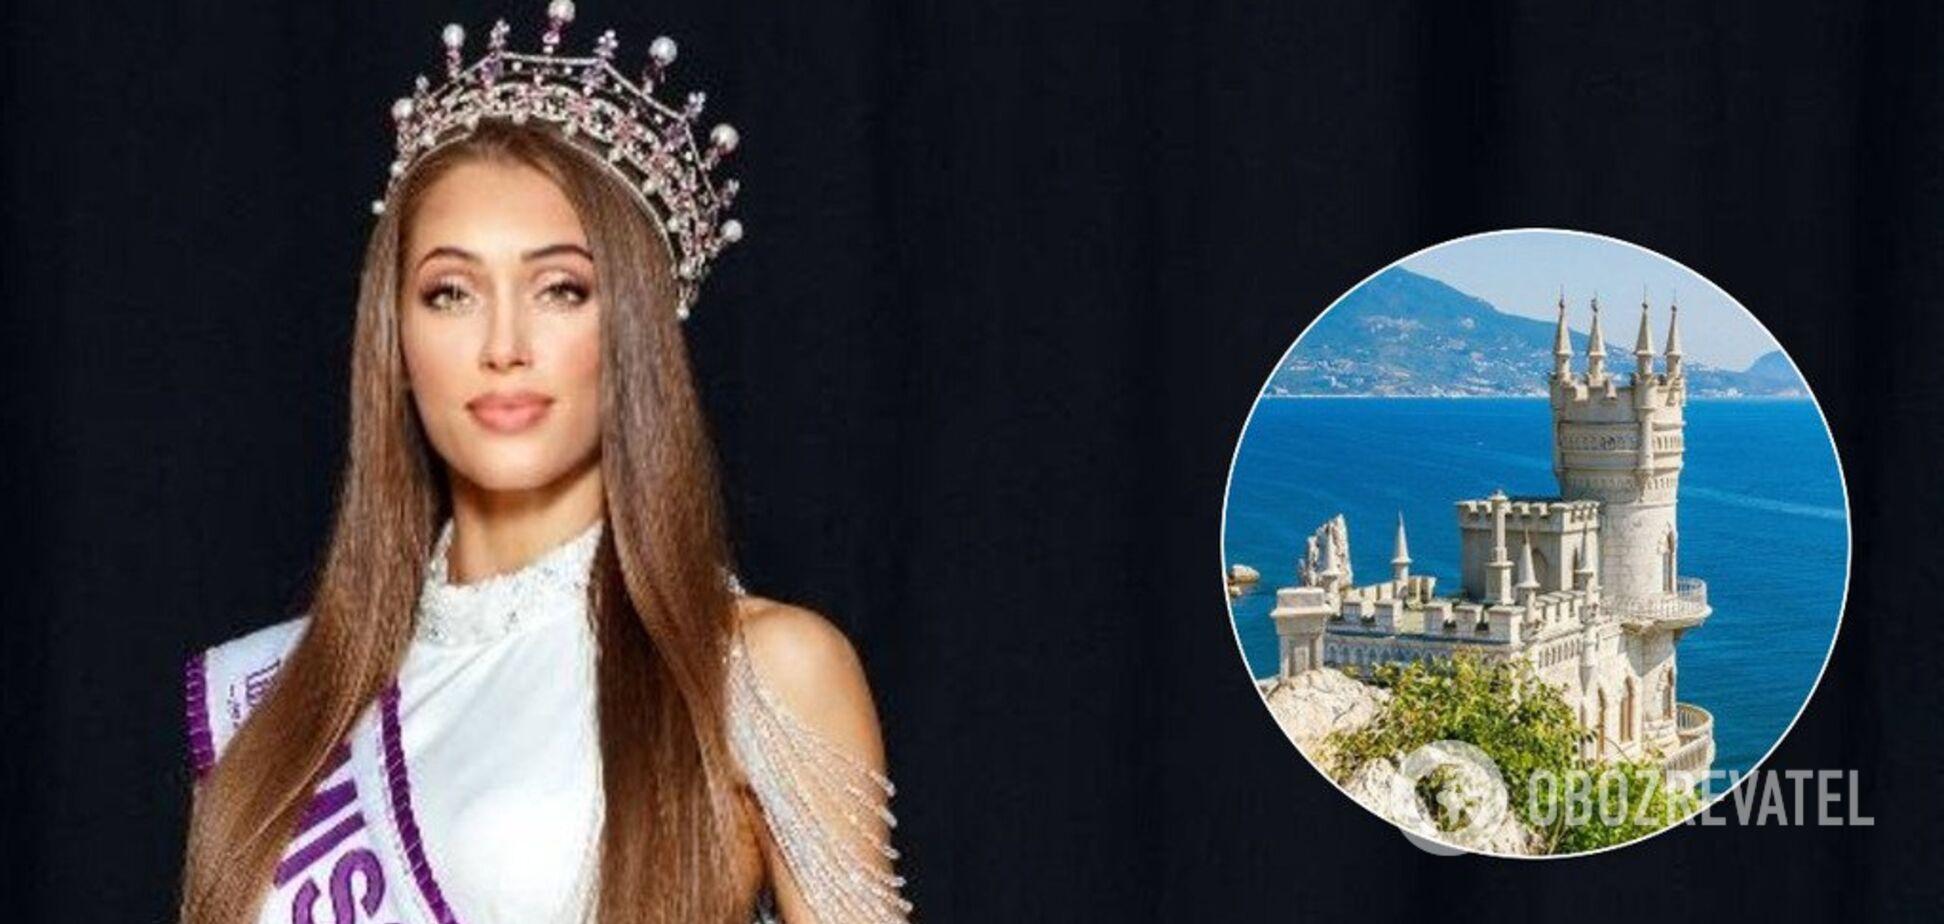 Чий Крим? 'Міс Україна' неоднозначно відповіла на наболіле питання. Відео